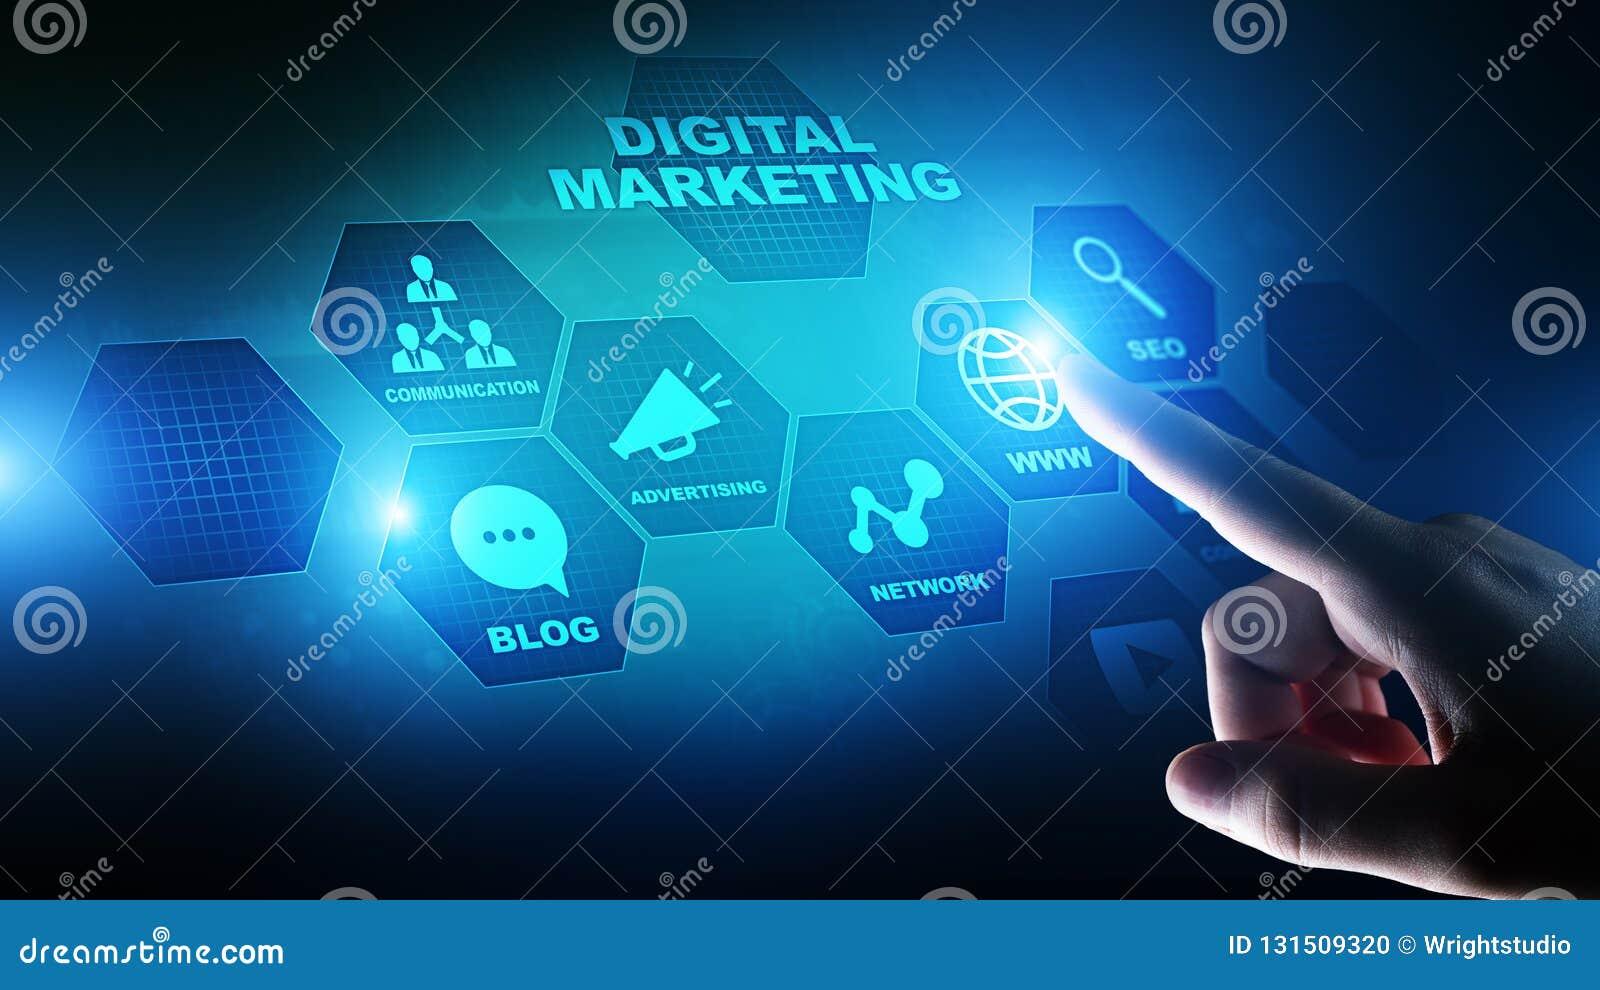 Ψηφιακό μάρκετινγκ, on-line διαφήμιση, SEO, SEM, SMM Επιχείρηση και έννοια Διαδικτύου